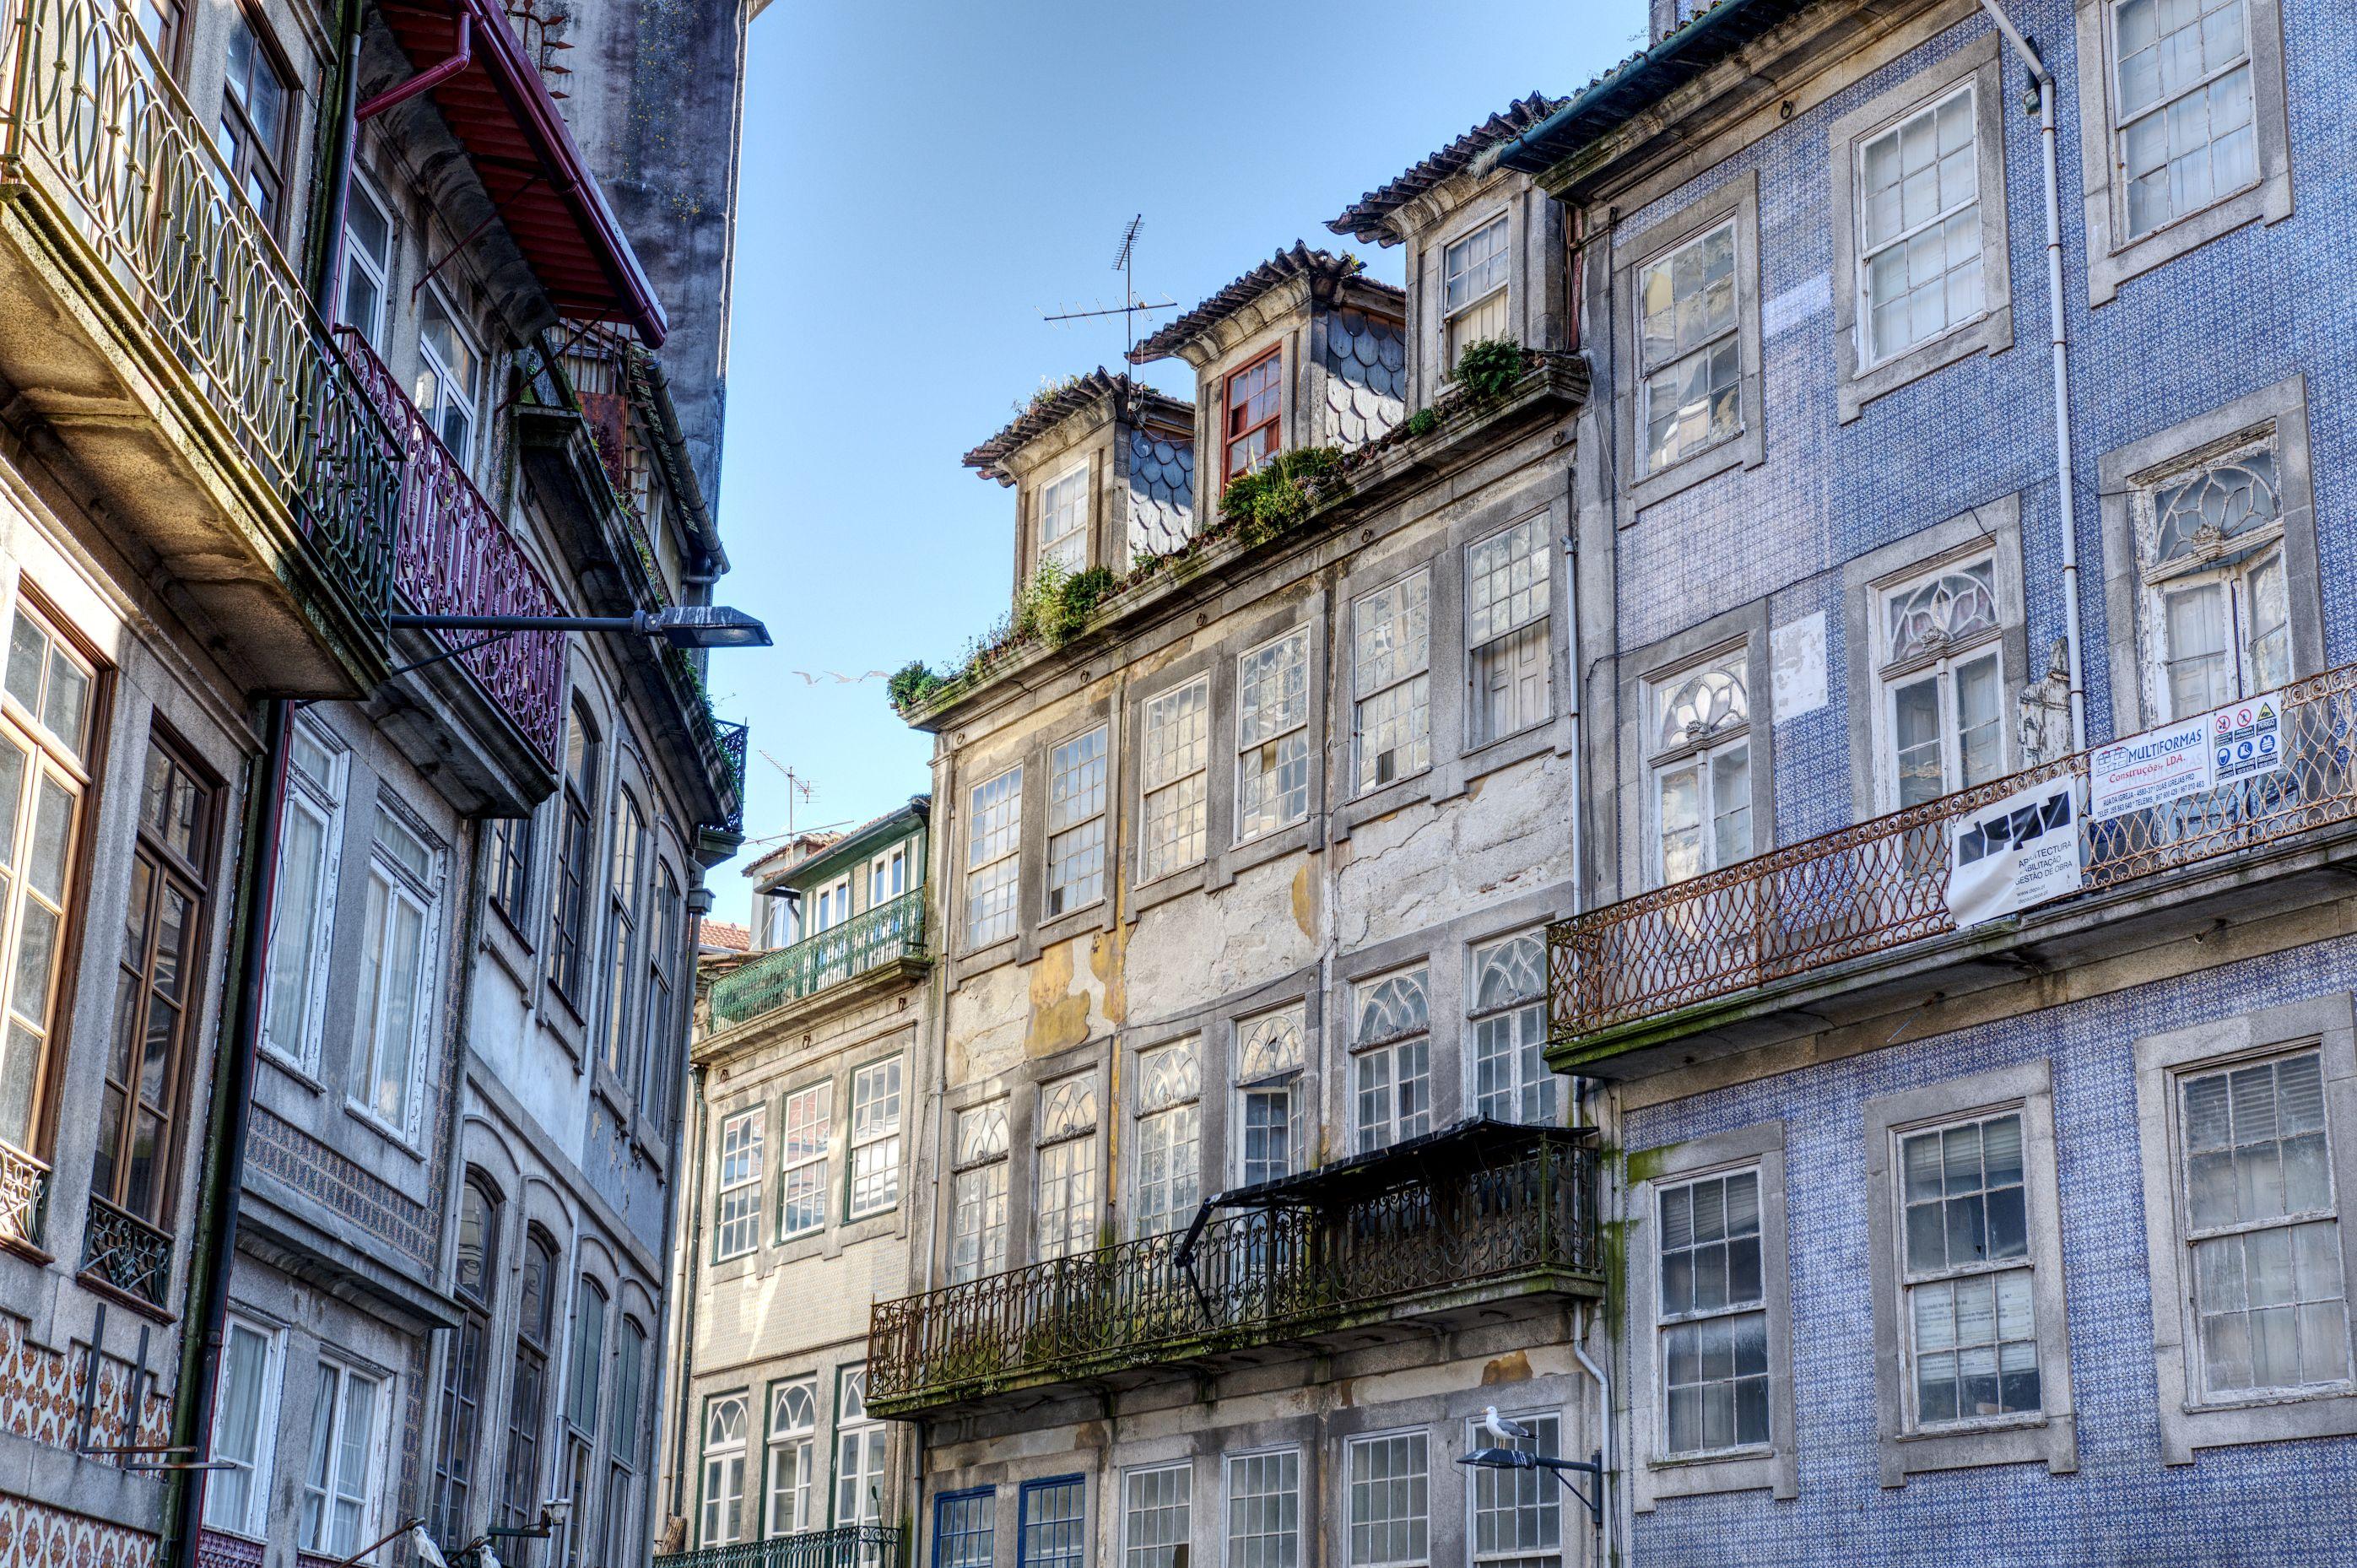 Historische Häuserfronten in Porto